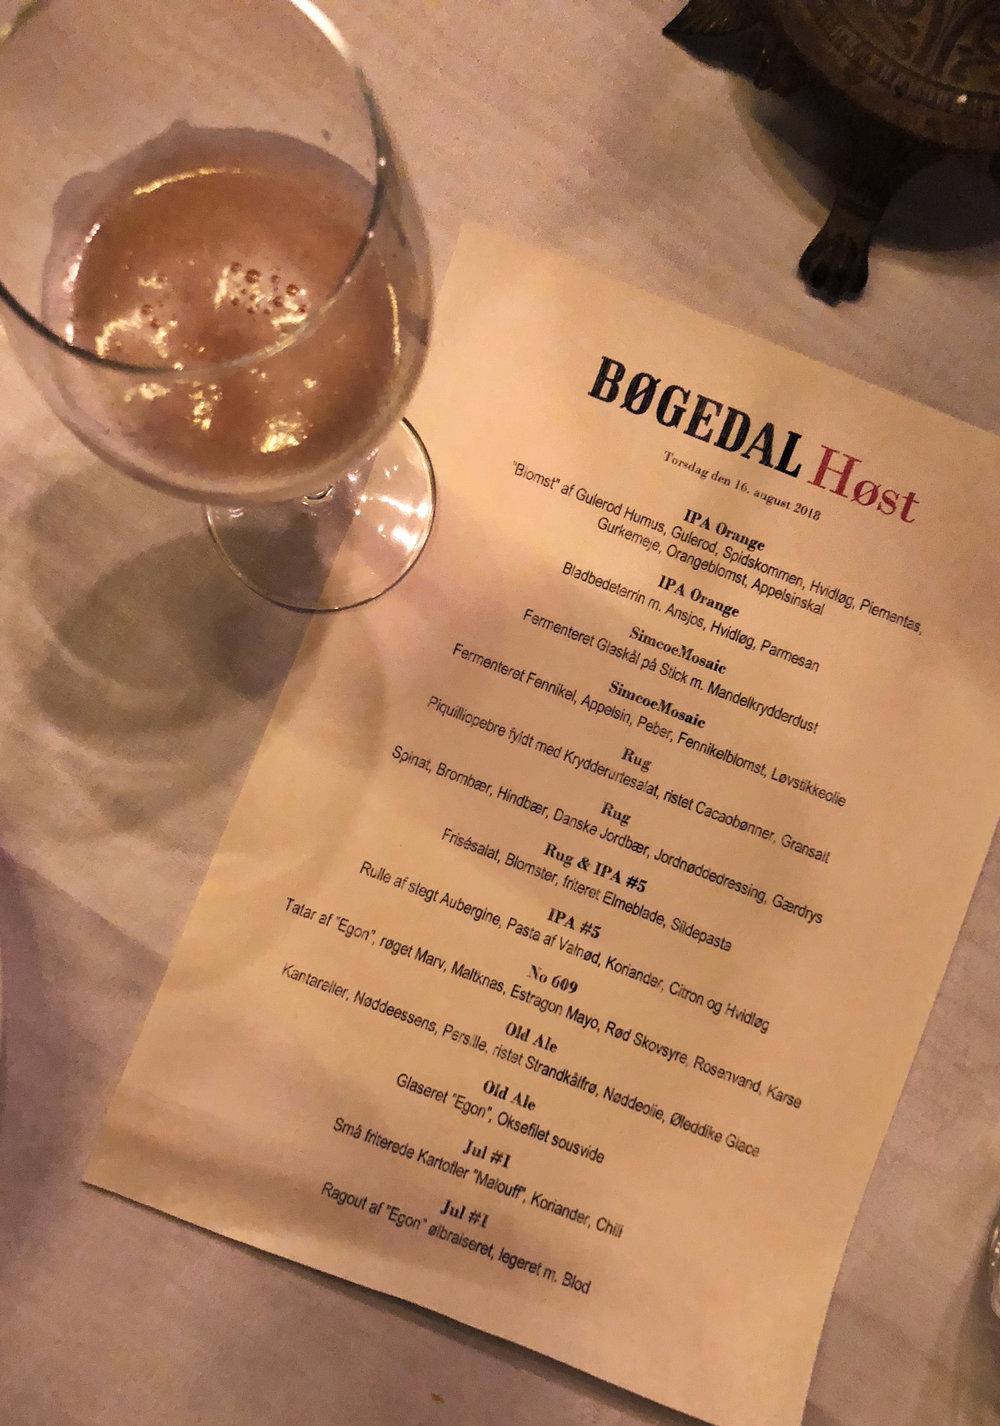 The menu at HØST Bøgedal 2018